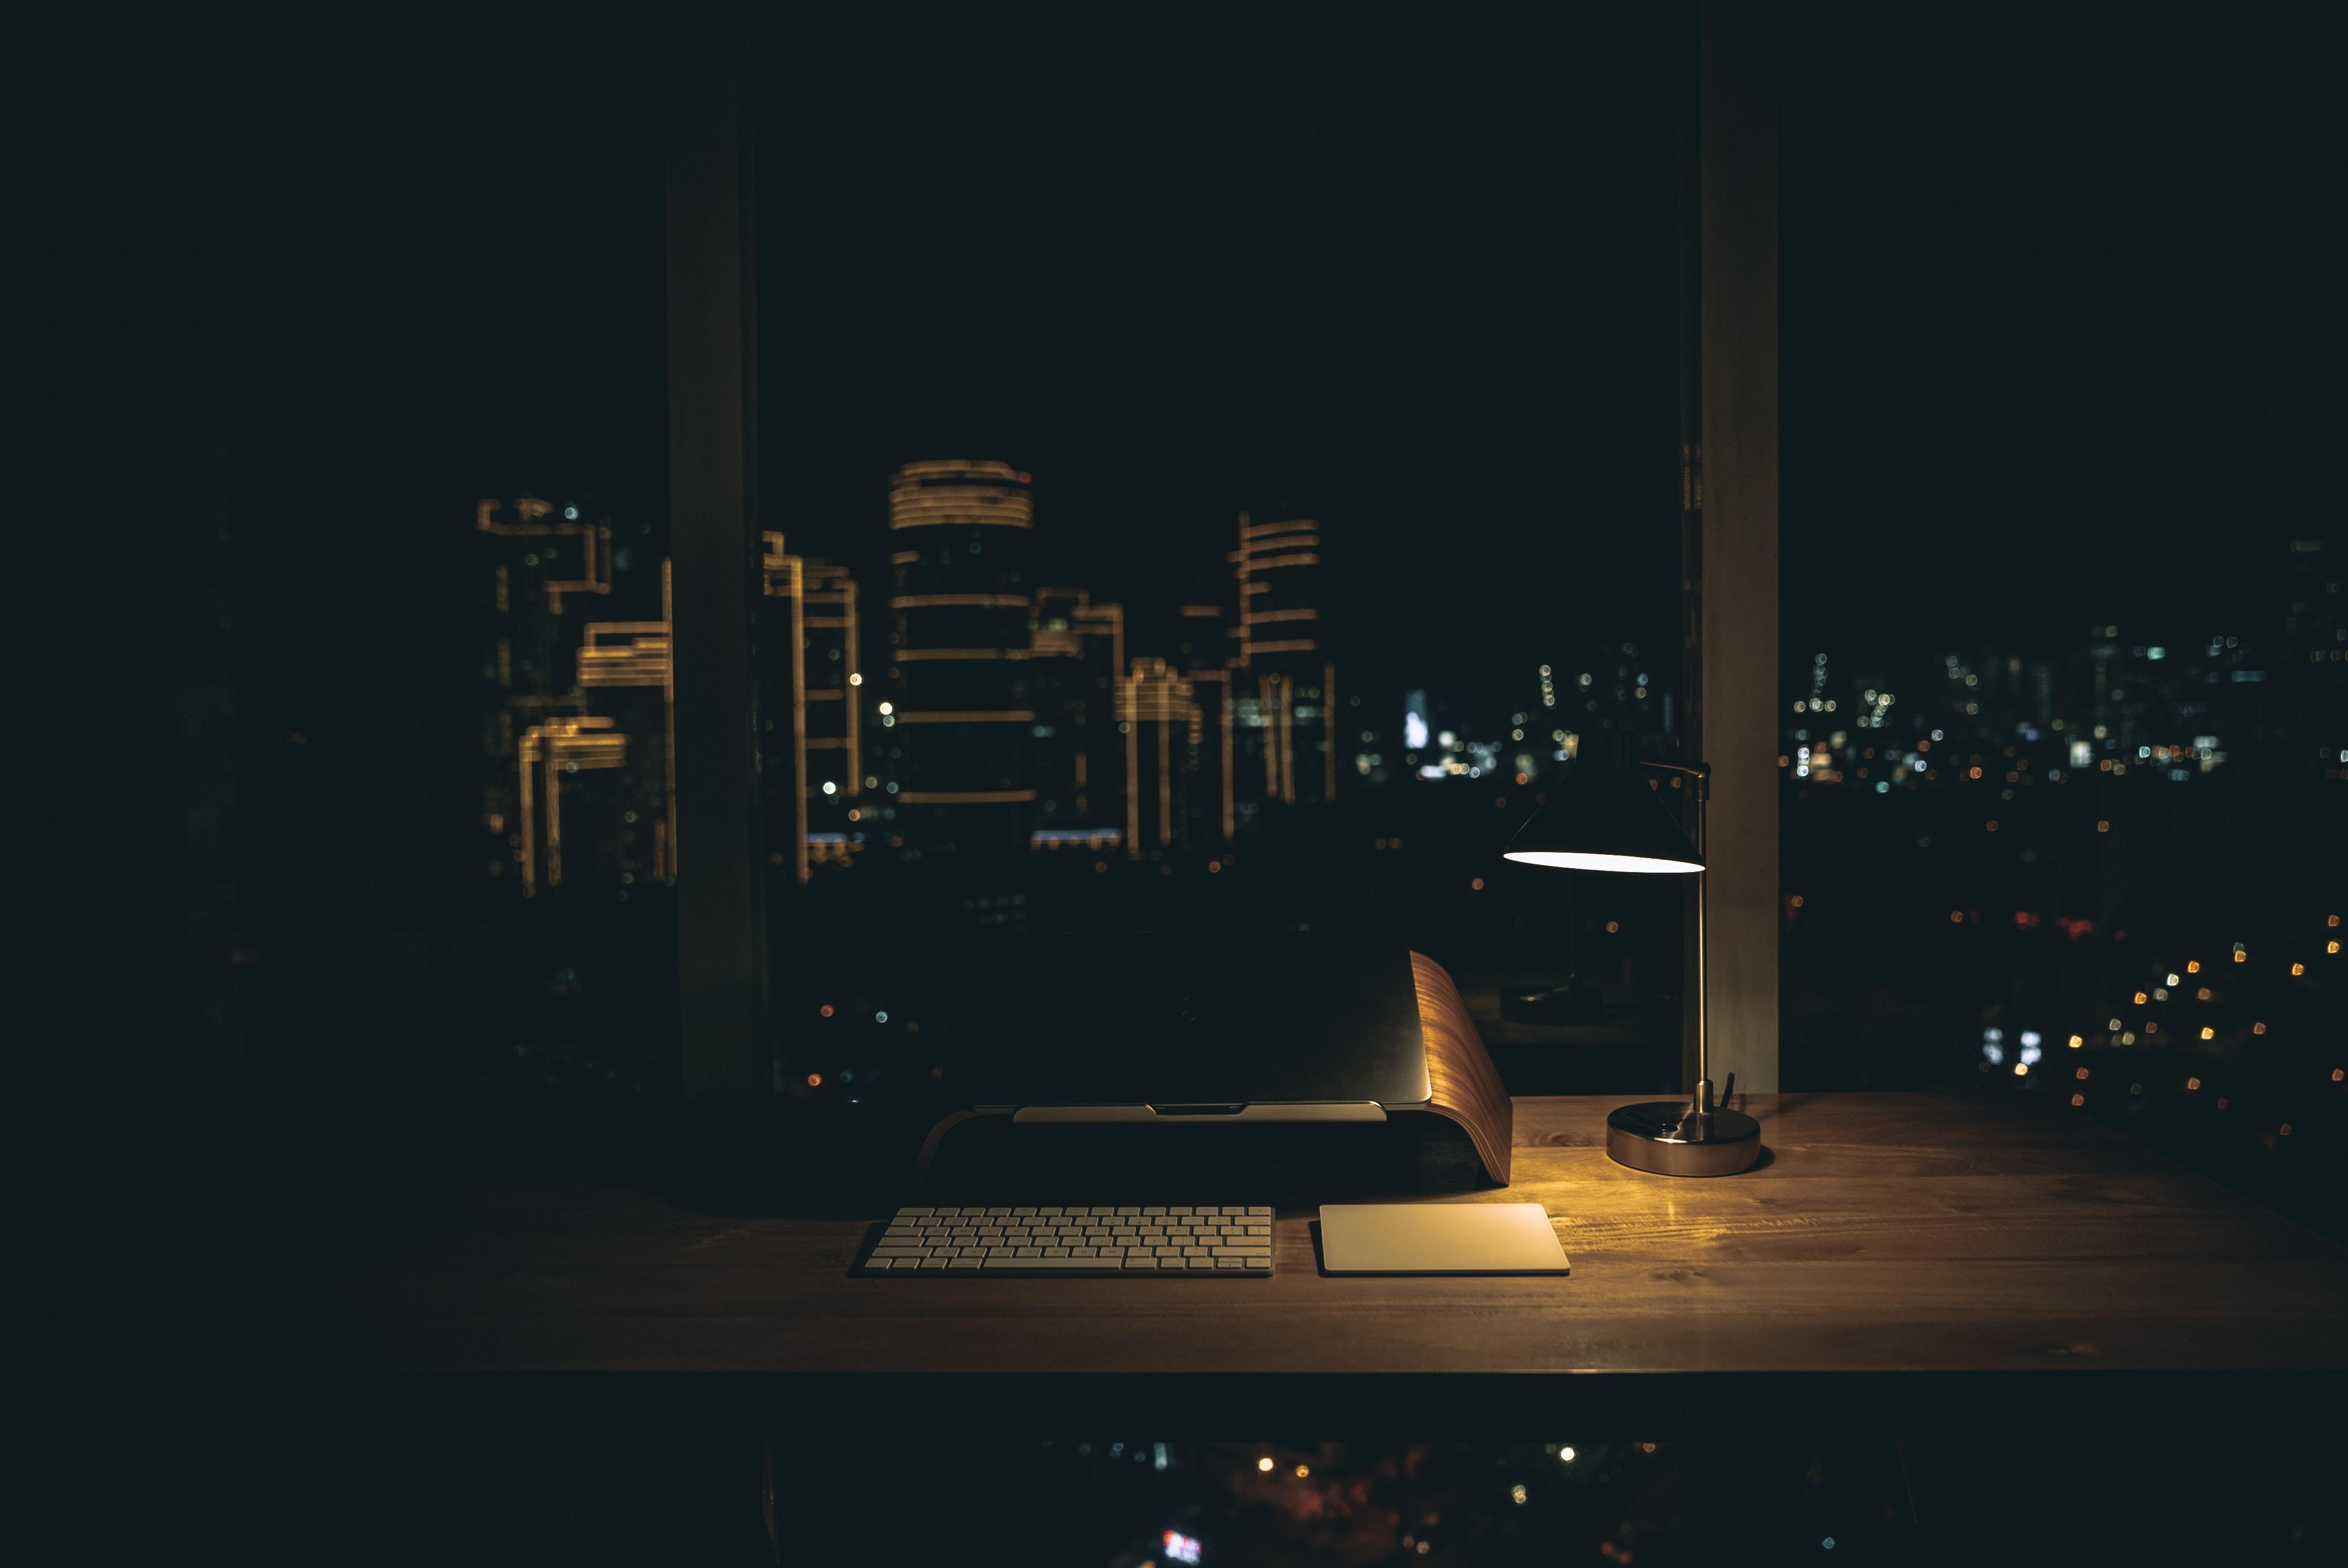 lit desk lamp on top of desk